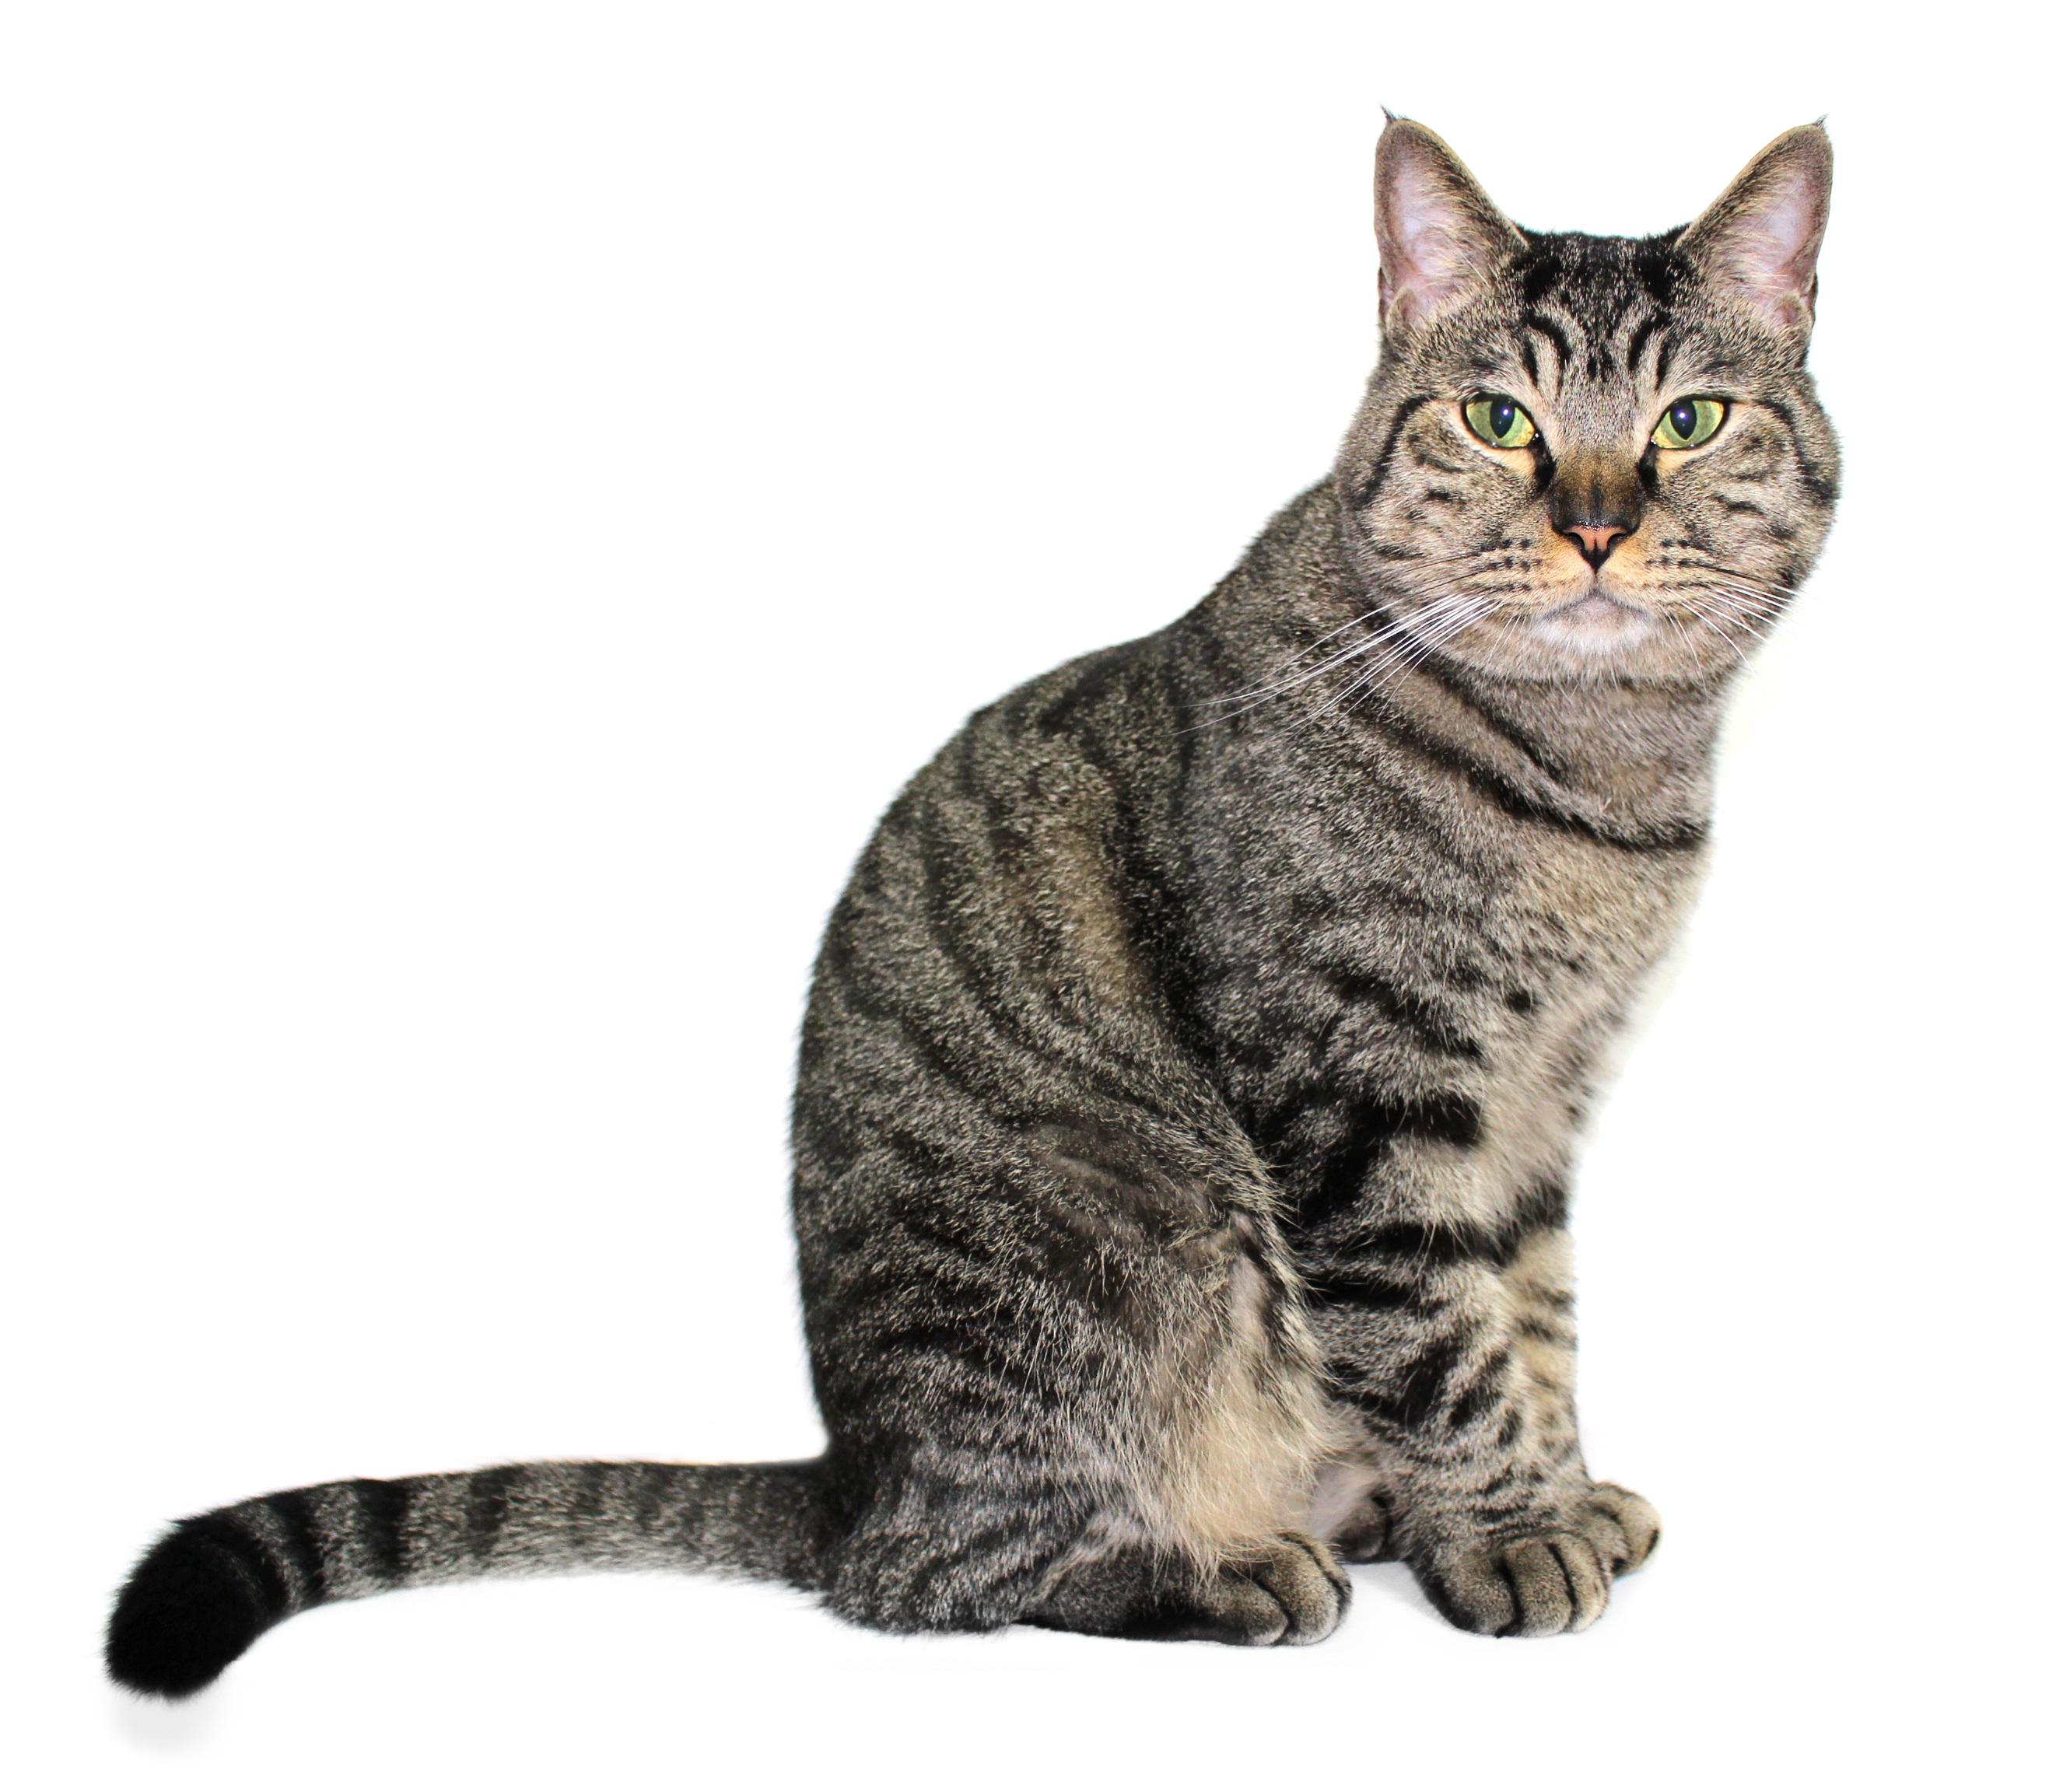 картинка домашнего животного кошка весна живет твоей